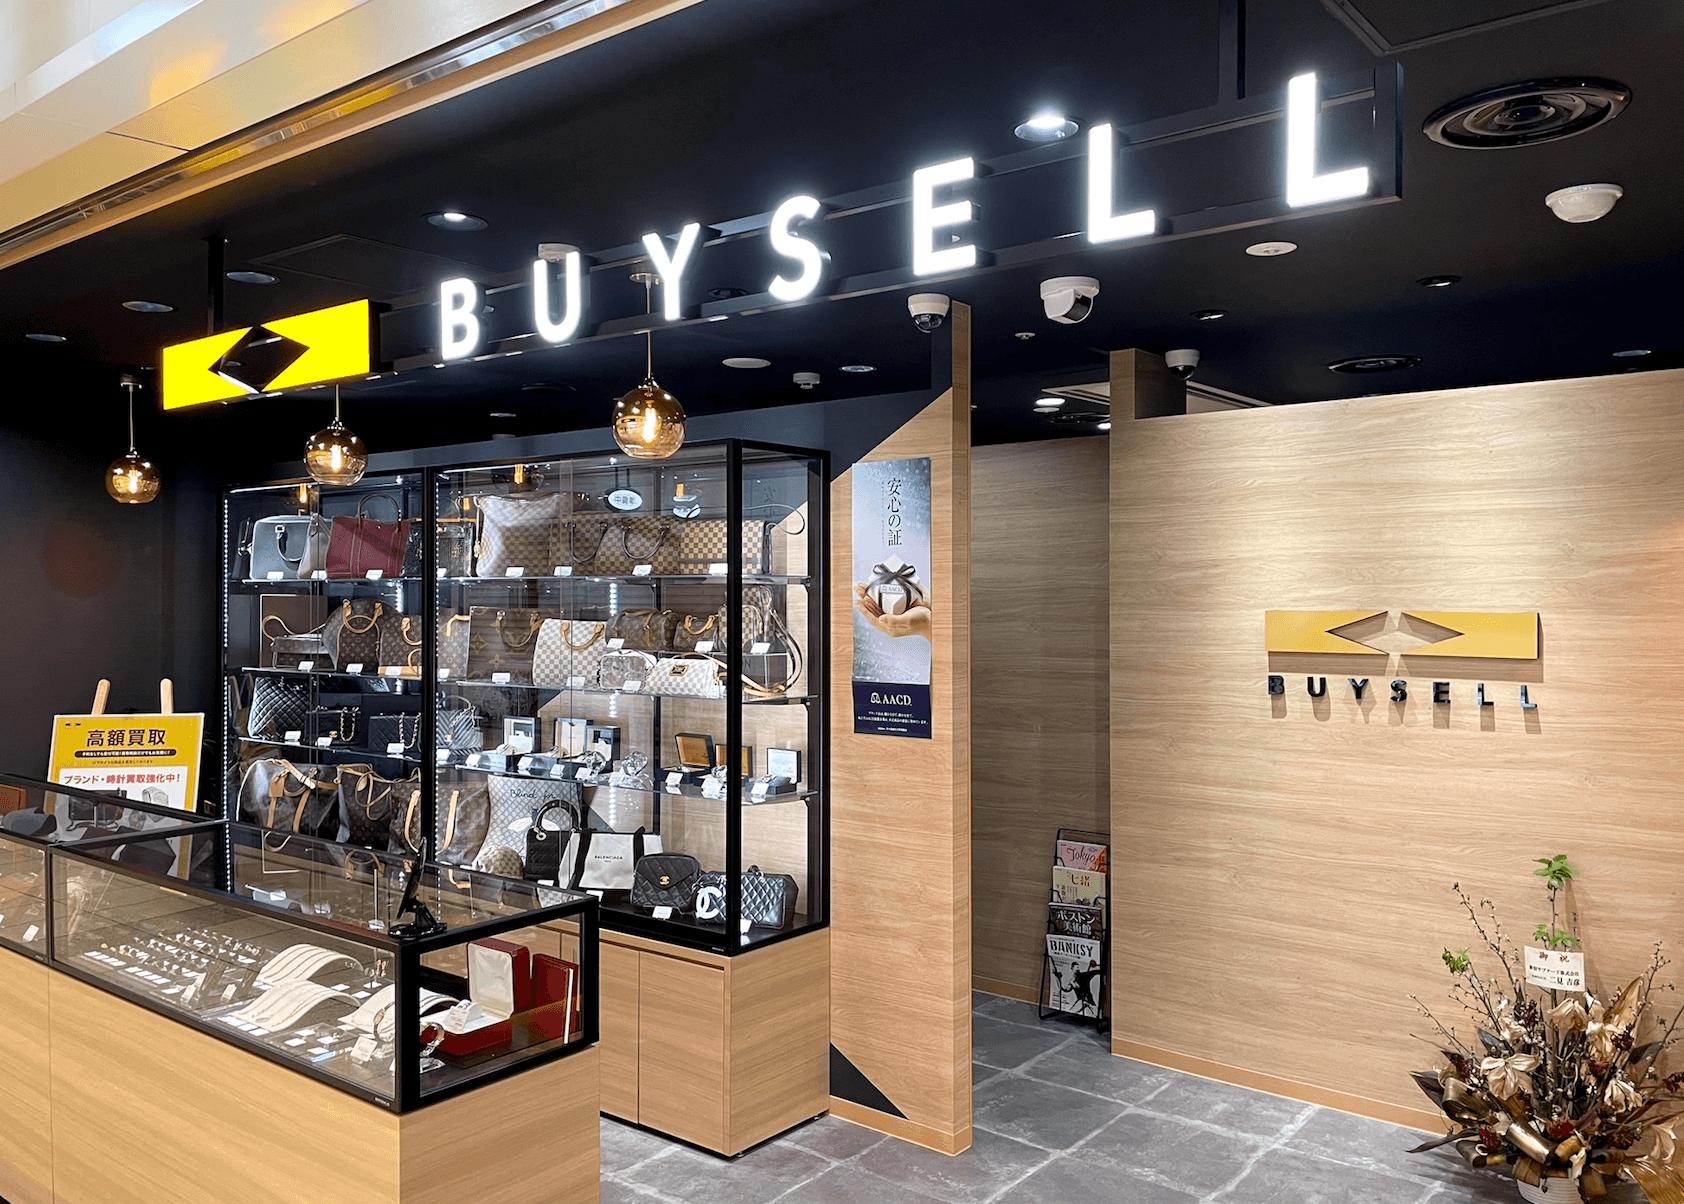 バイセルの東京店舗